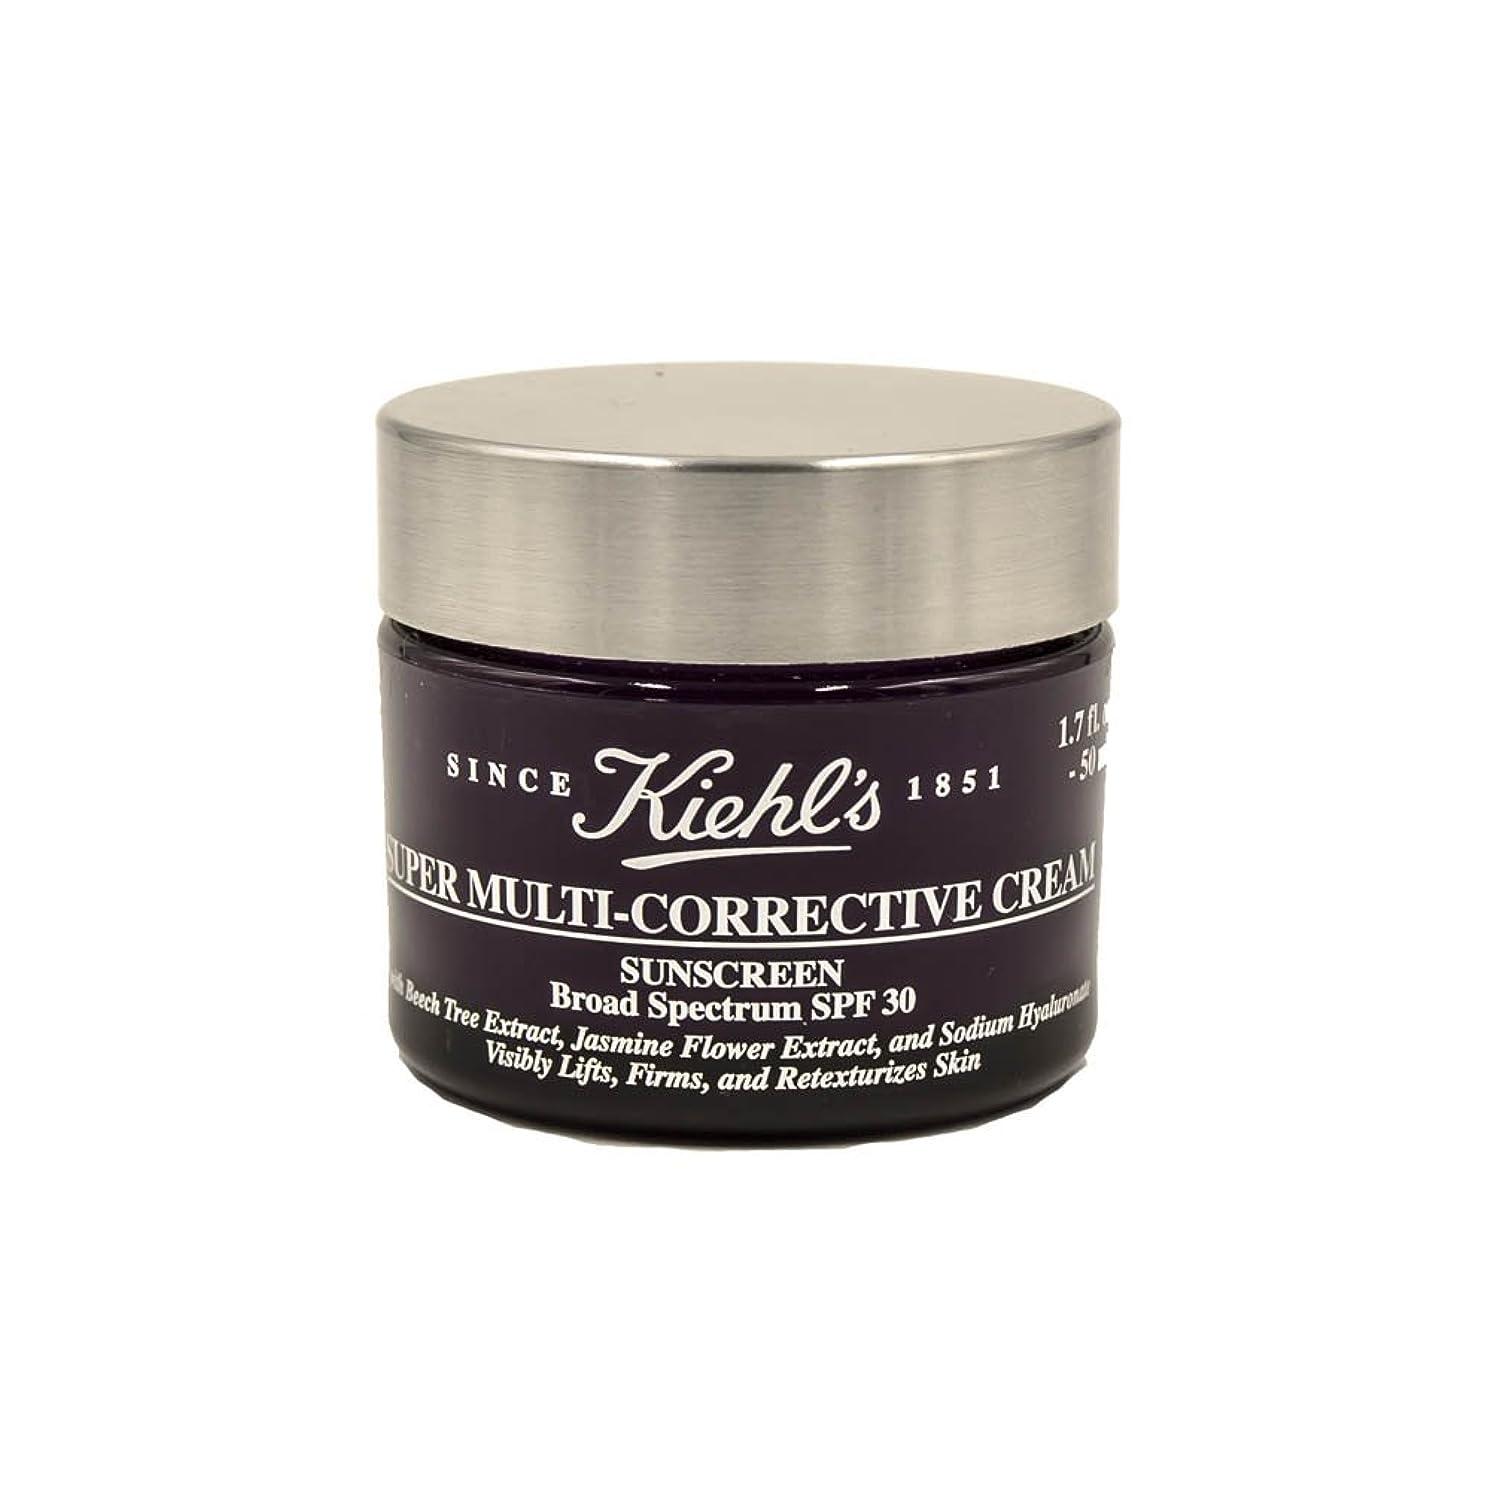 不和チャンス大きさKiehl's Super Multi-Corrective Cream Sunscreen Broad Spectrum SPF 30 1.7oz